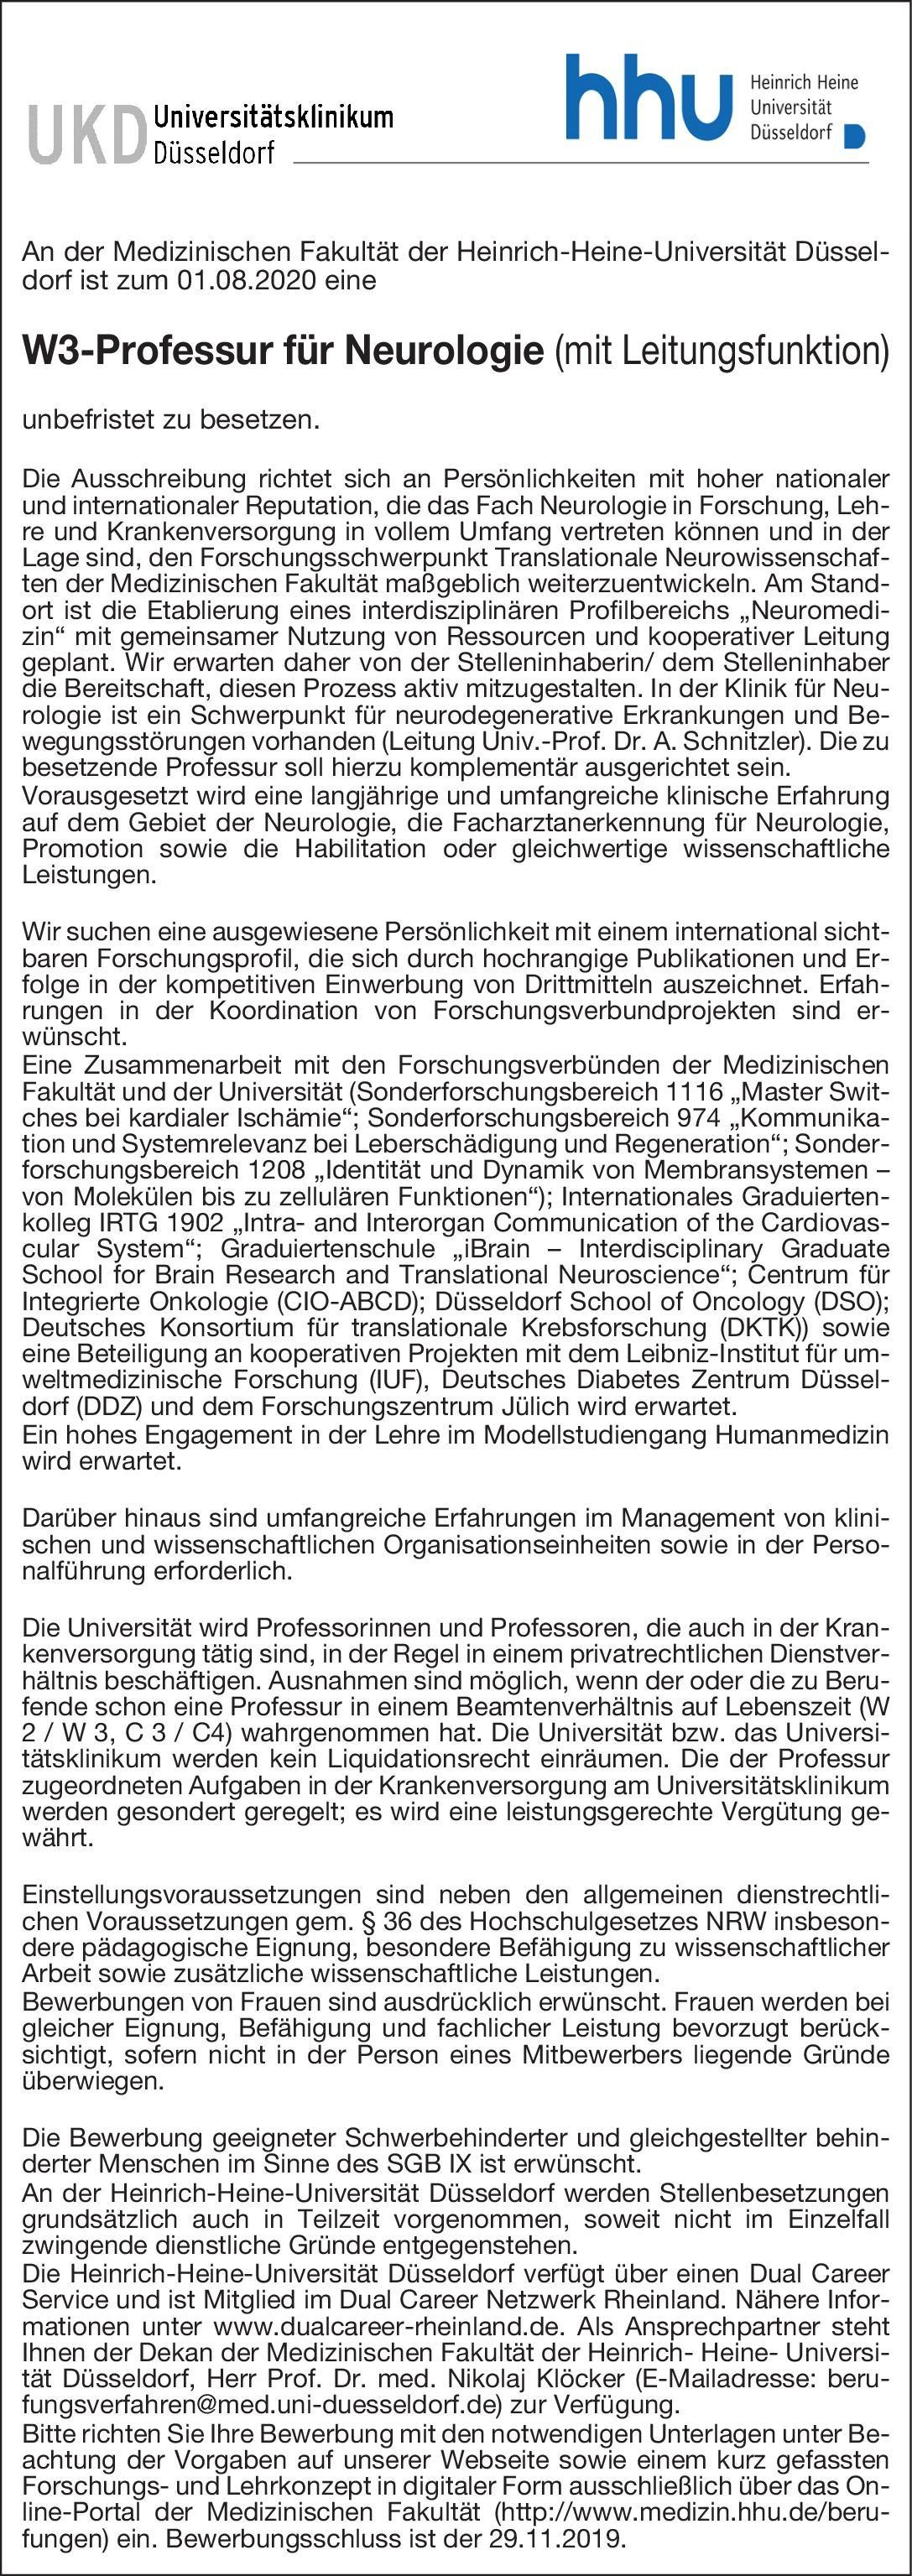 Heinrich-Heine-Universität W3-Professur für Neurologie (mit Leitungsfunktion) Neurologie Professor